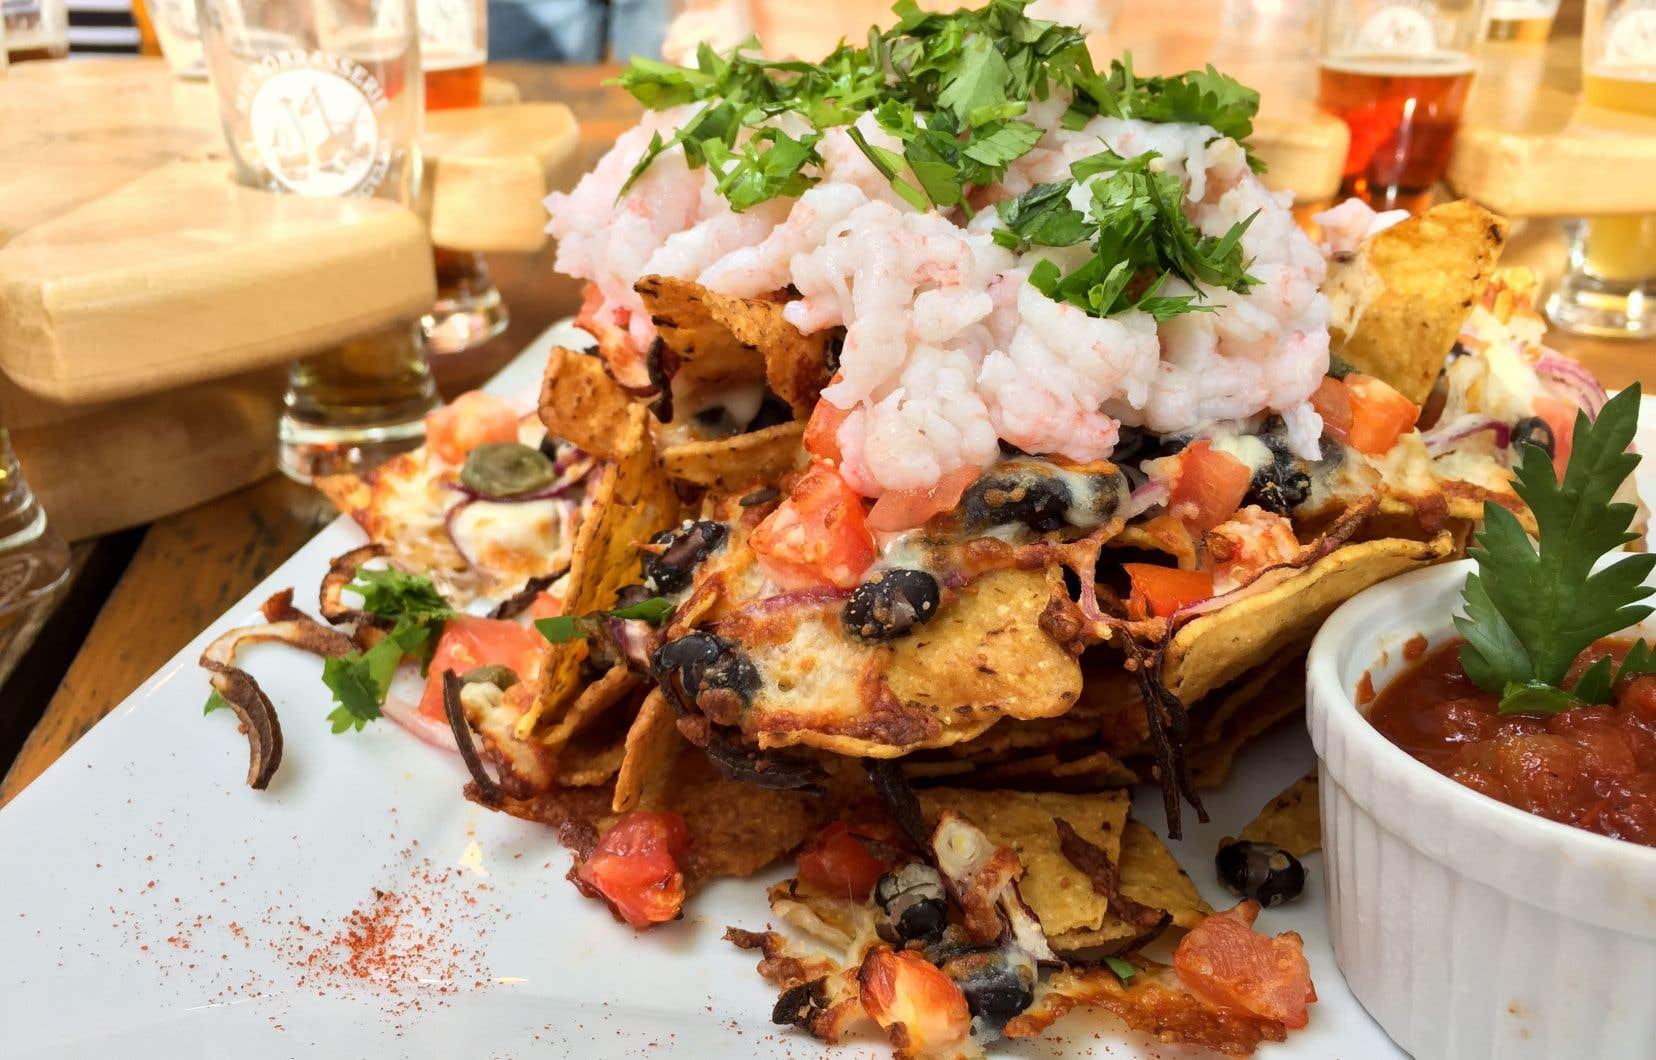 Un incontournable de la microbrasserie Le Naufrageur demeure la pinte de double blanche à la Tanaisie et les nachos recouverts de crevettes nordiques.